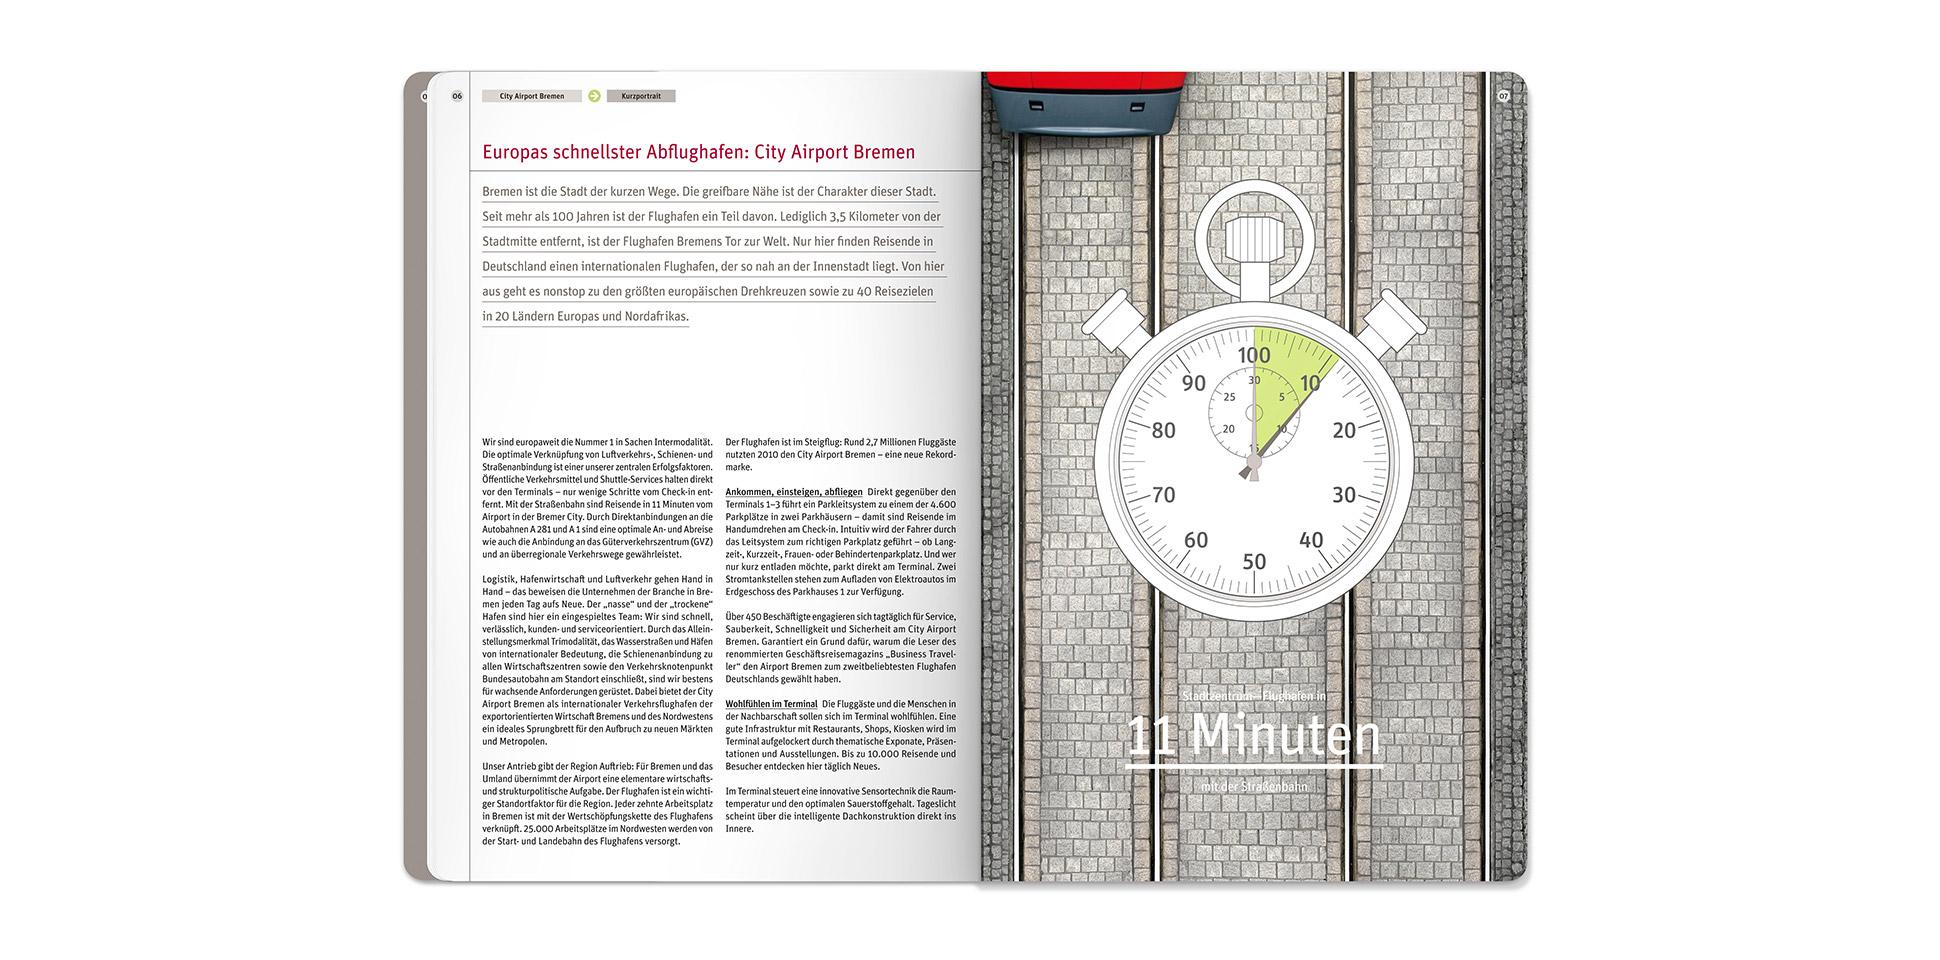 airport-bremen umweltbericht europas-schnellster-flughafen 2012 polarwerk